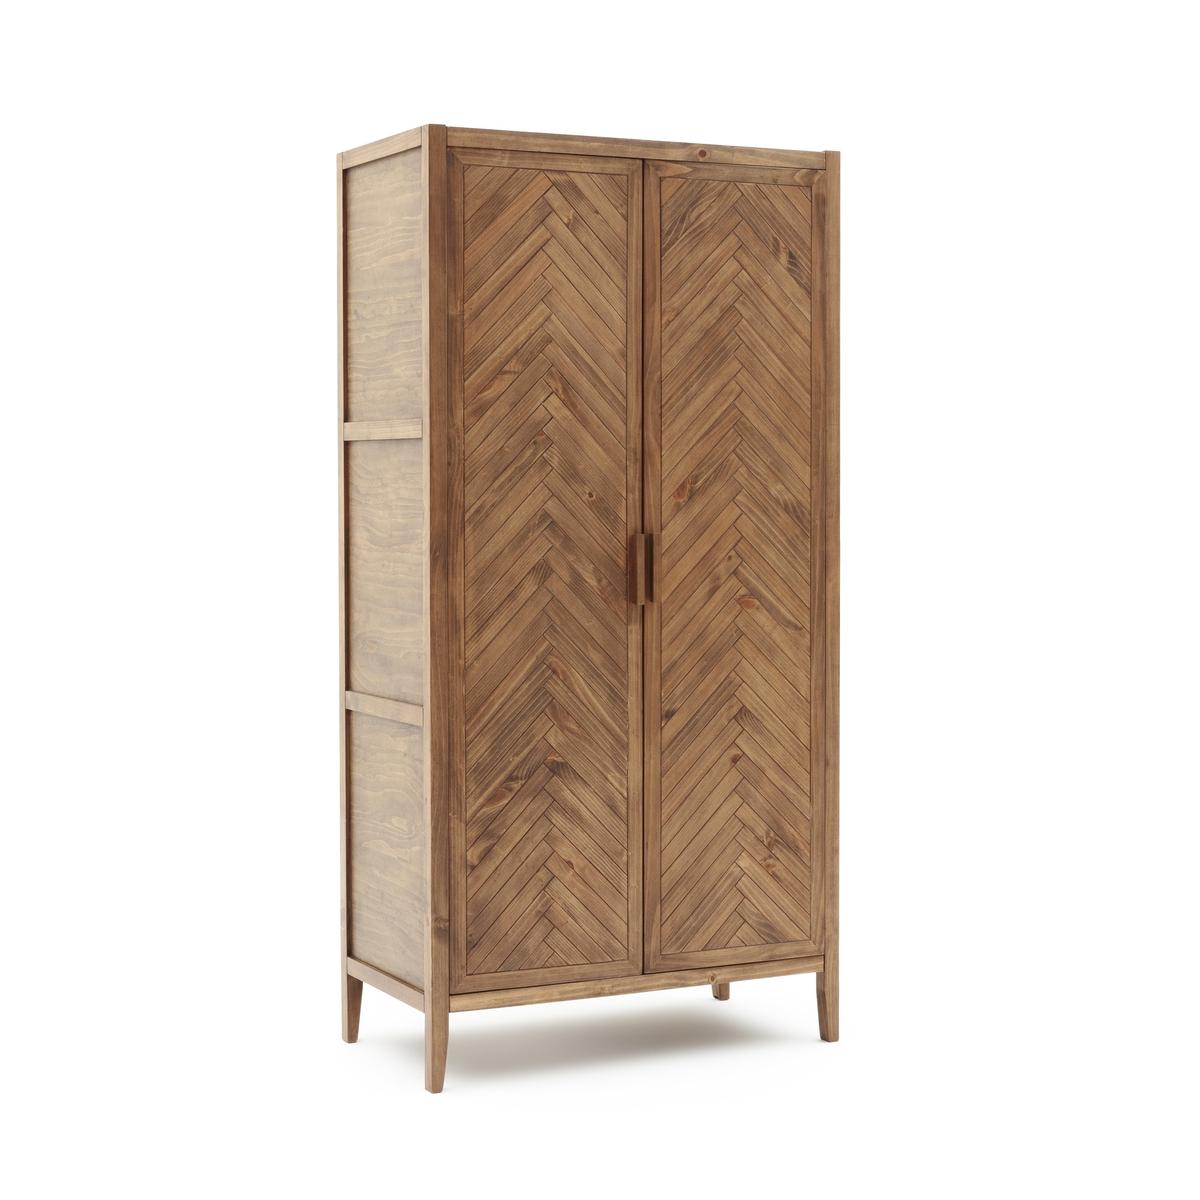 Шкаф с 2 дверками из массива сосны NOTTINGHAM столик из металла и дерева h высота 40 см nottingham